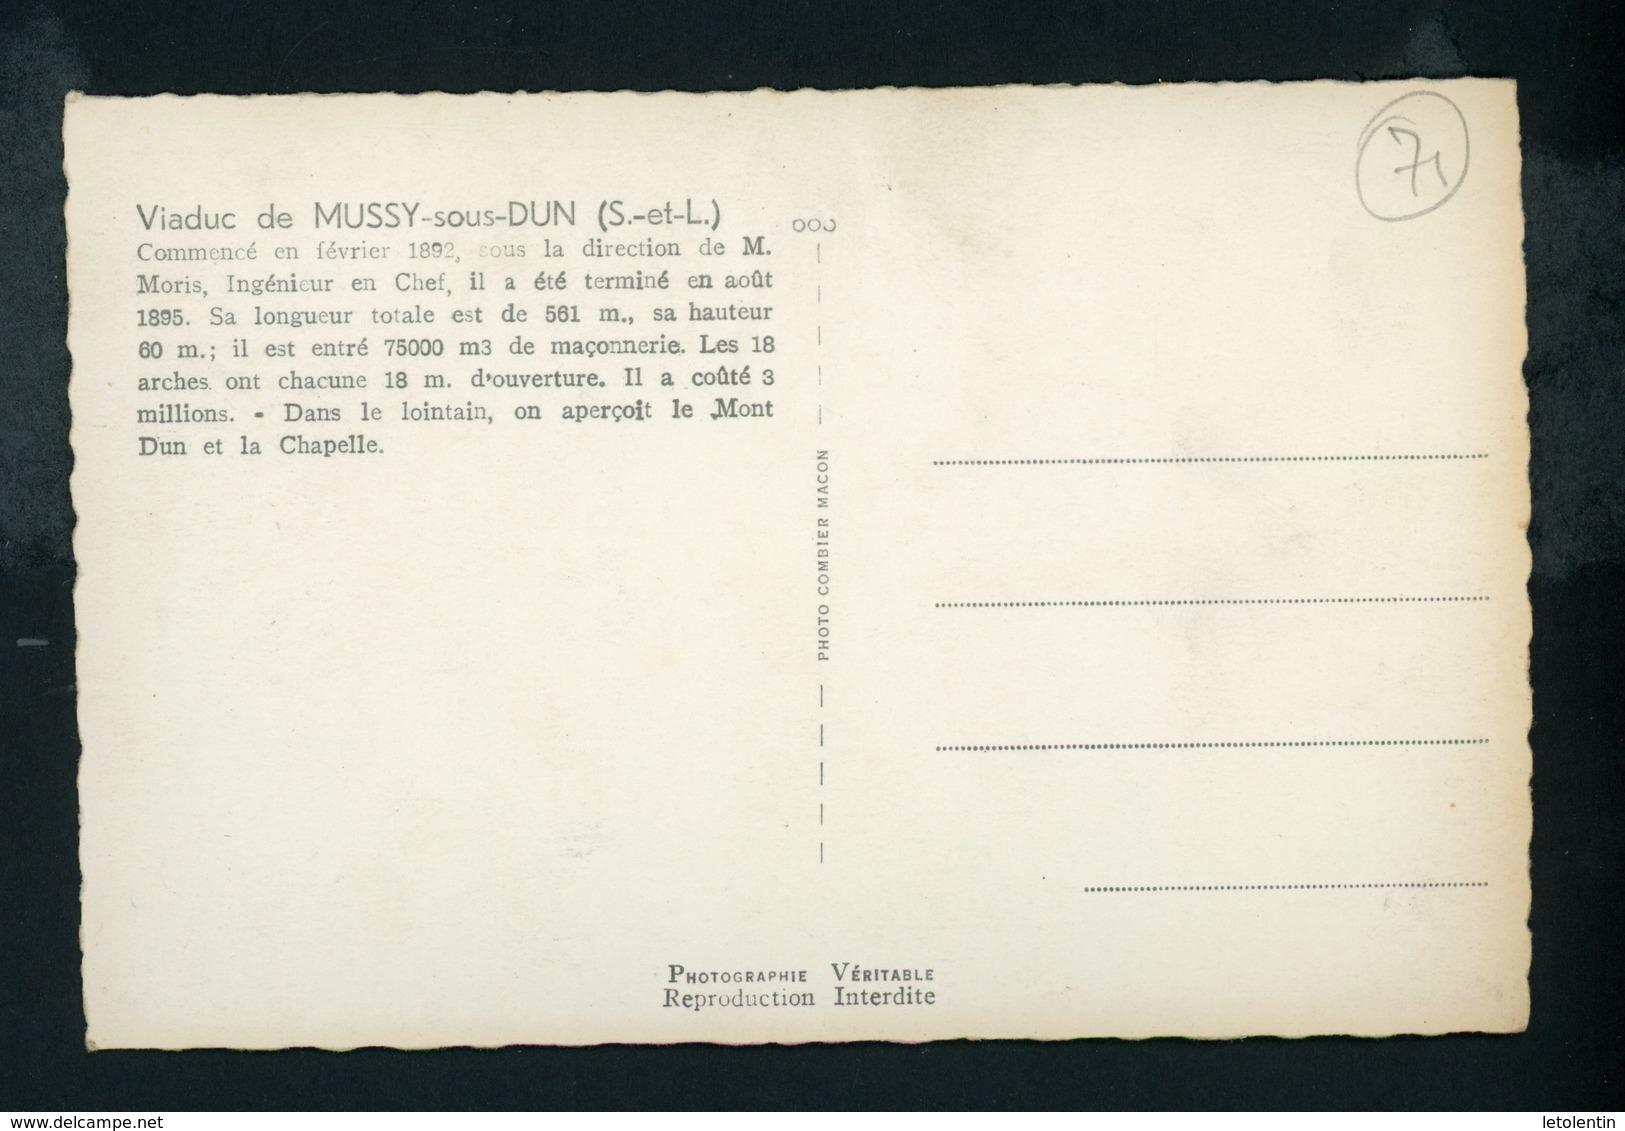 CPSM:  71 - VIADUC DE MUSSY-SOUS-DUN - France